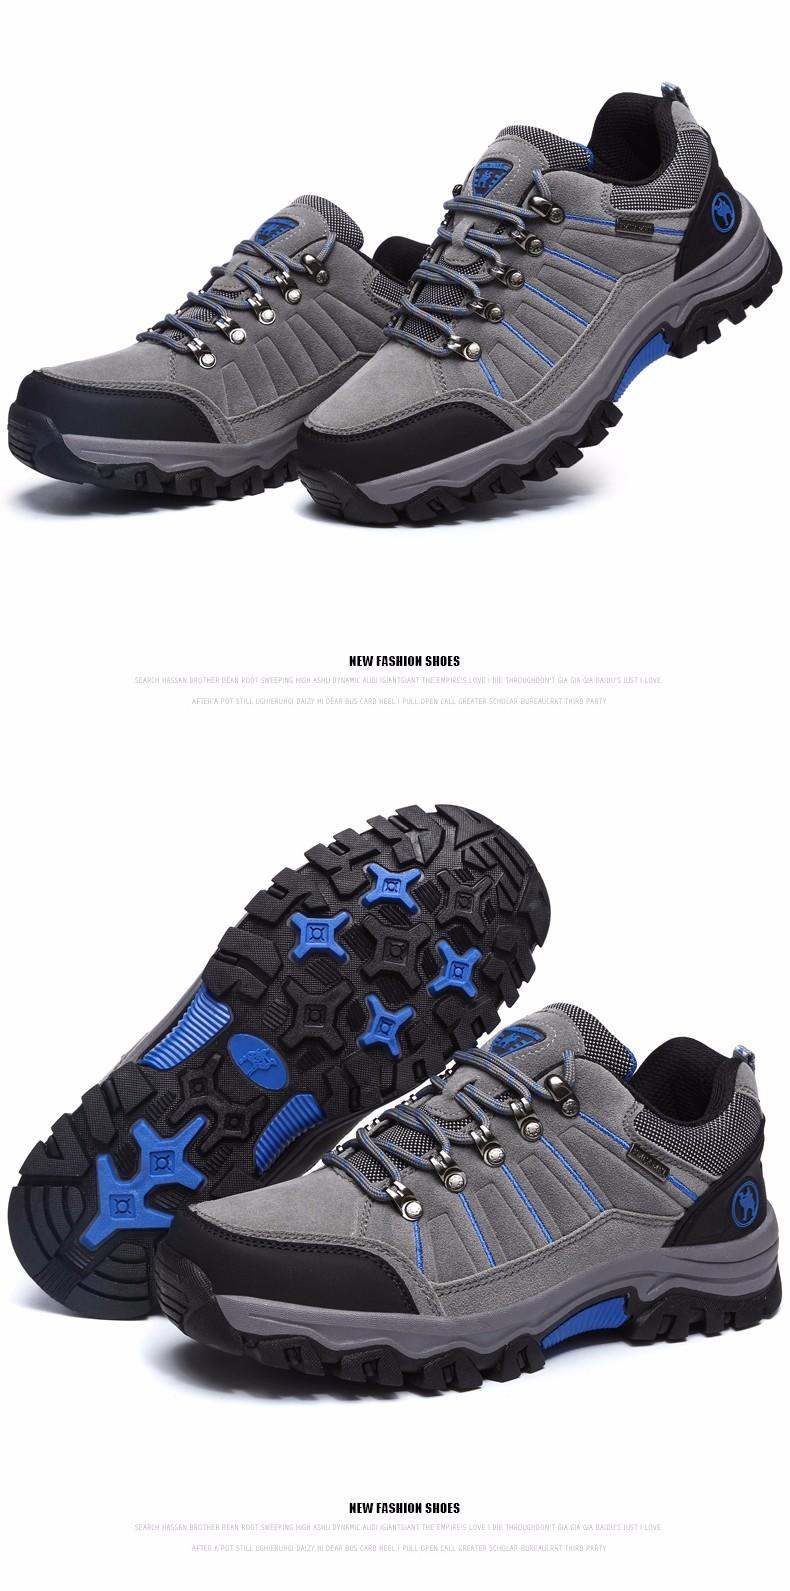 MVVT 2016 Fashion Walking Climbing Shoes men Brand Top grade Fine quality Mountain Boots Trekking Mountain Climbing outdoor shoe